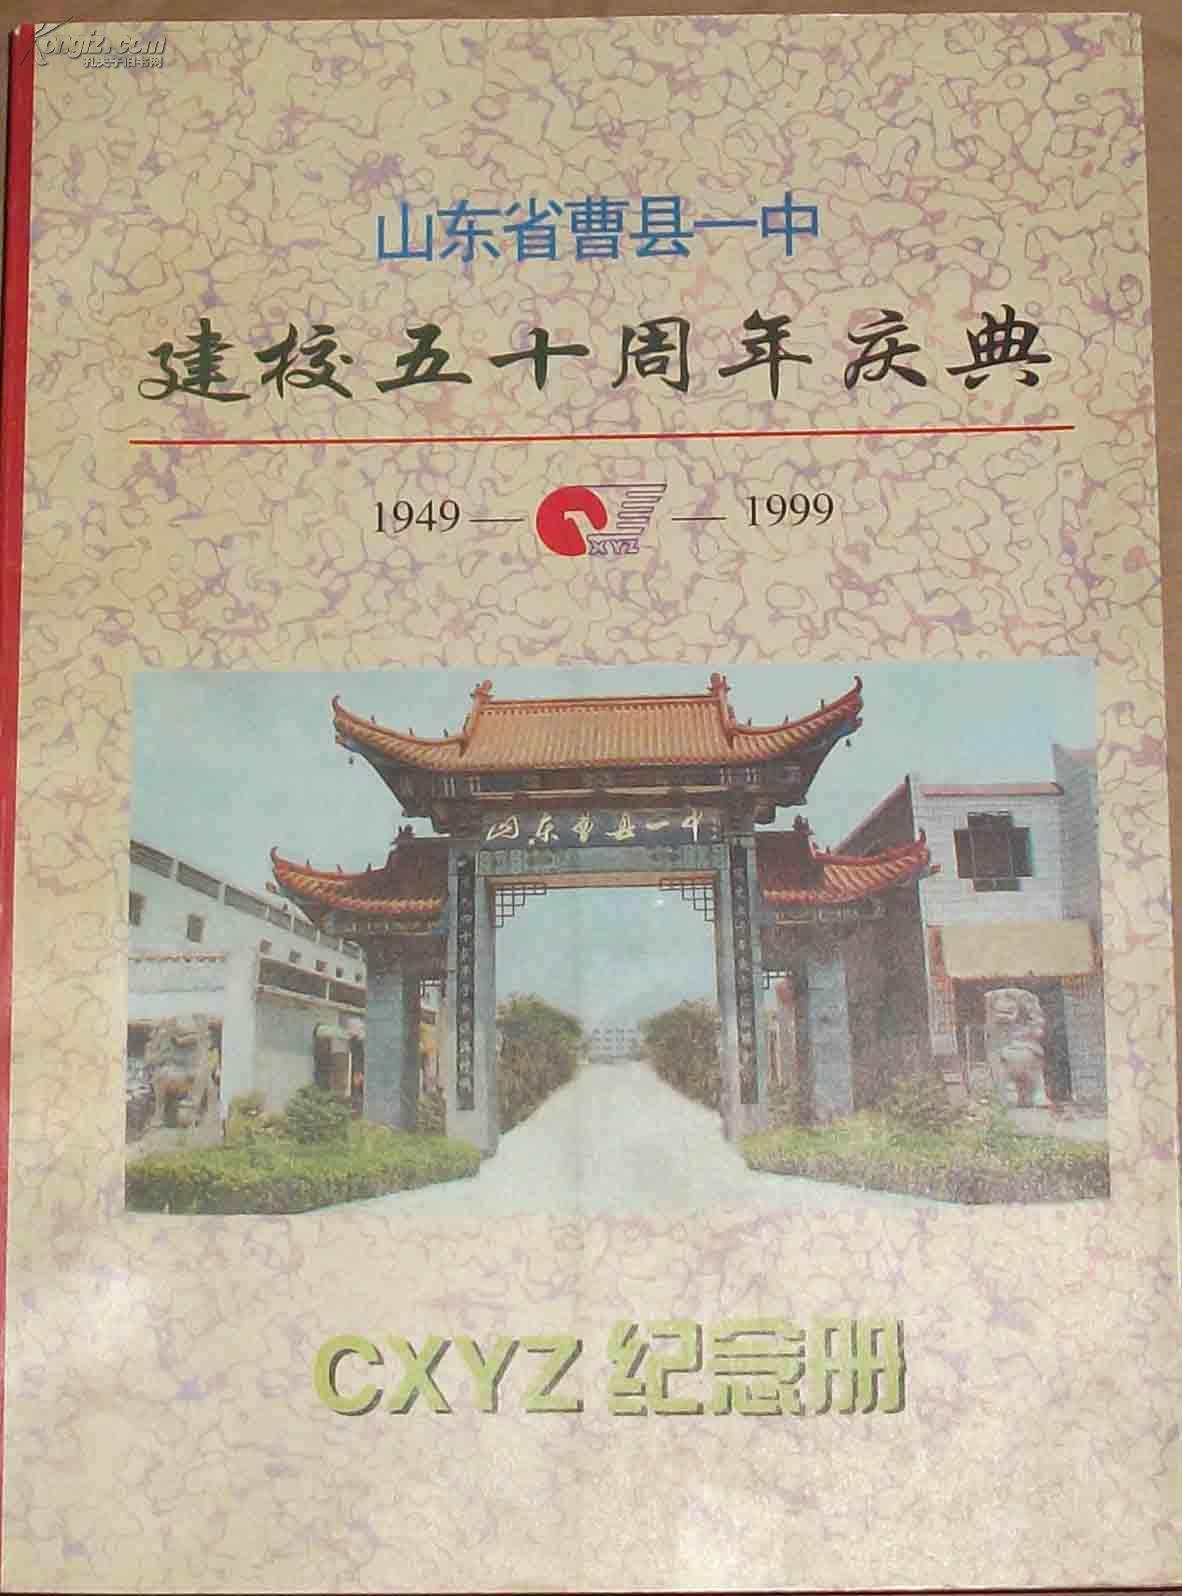 山东省曹县一中建校五十周年庆典纪念册【1949-1999】     1215